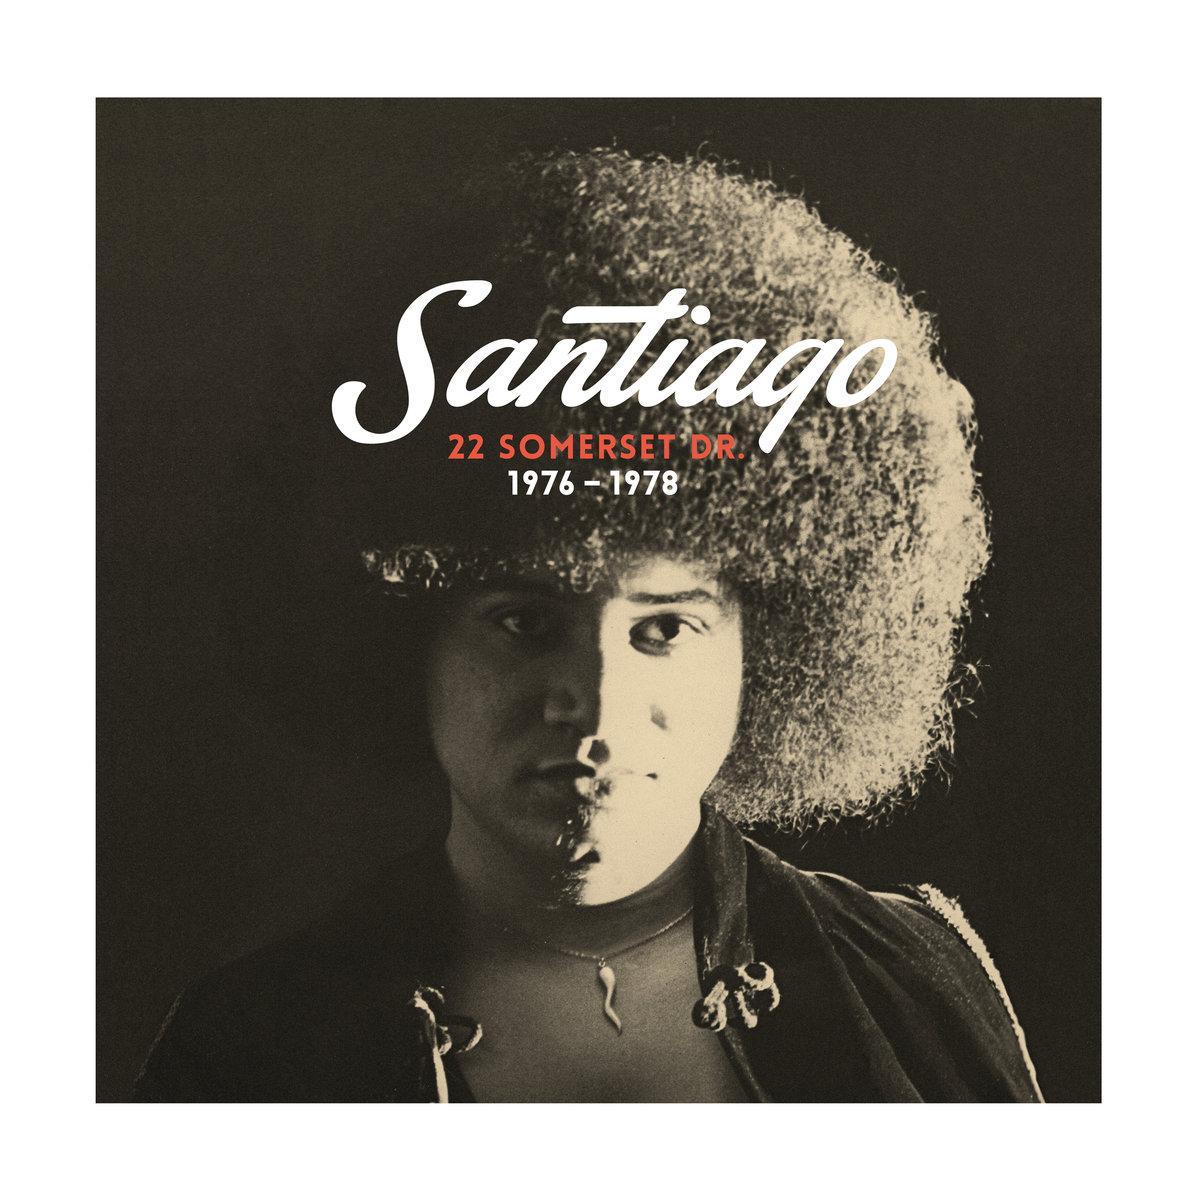 Нефтали Сантьяго выпустил свой сольный фанк-шедевр спустя 40 лет после записи